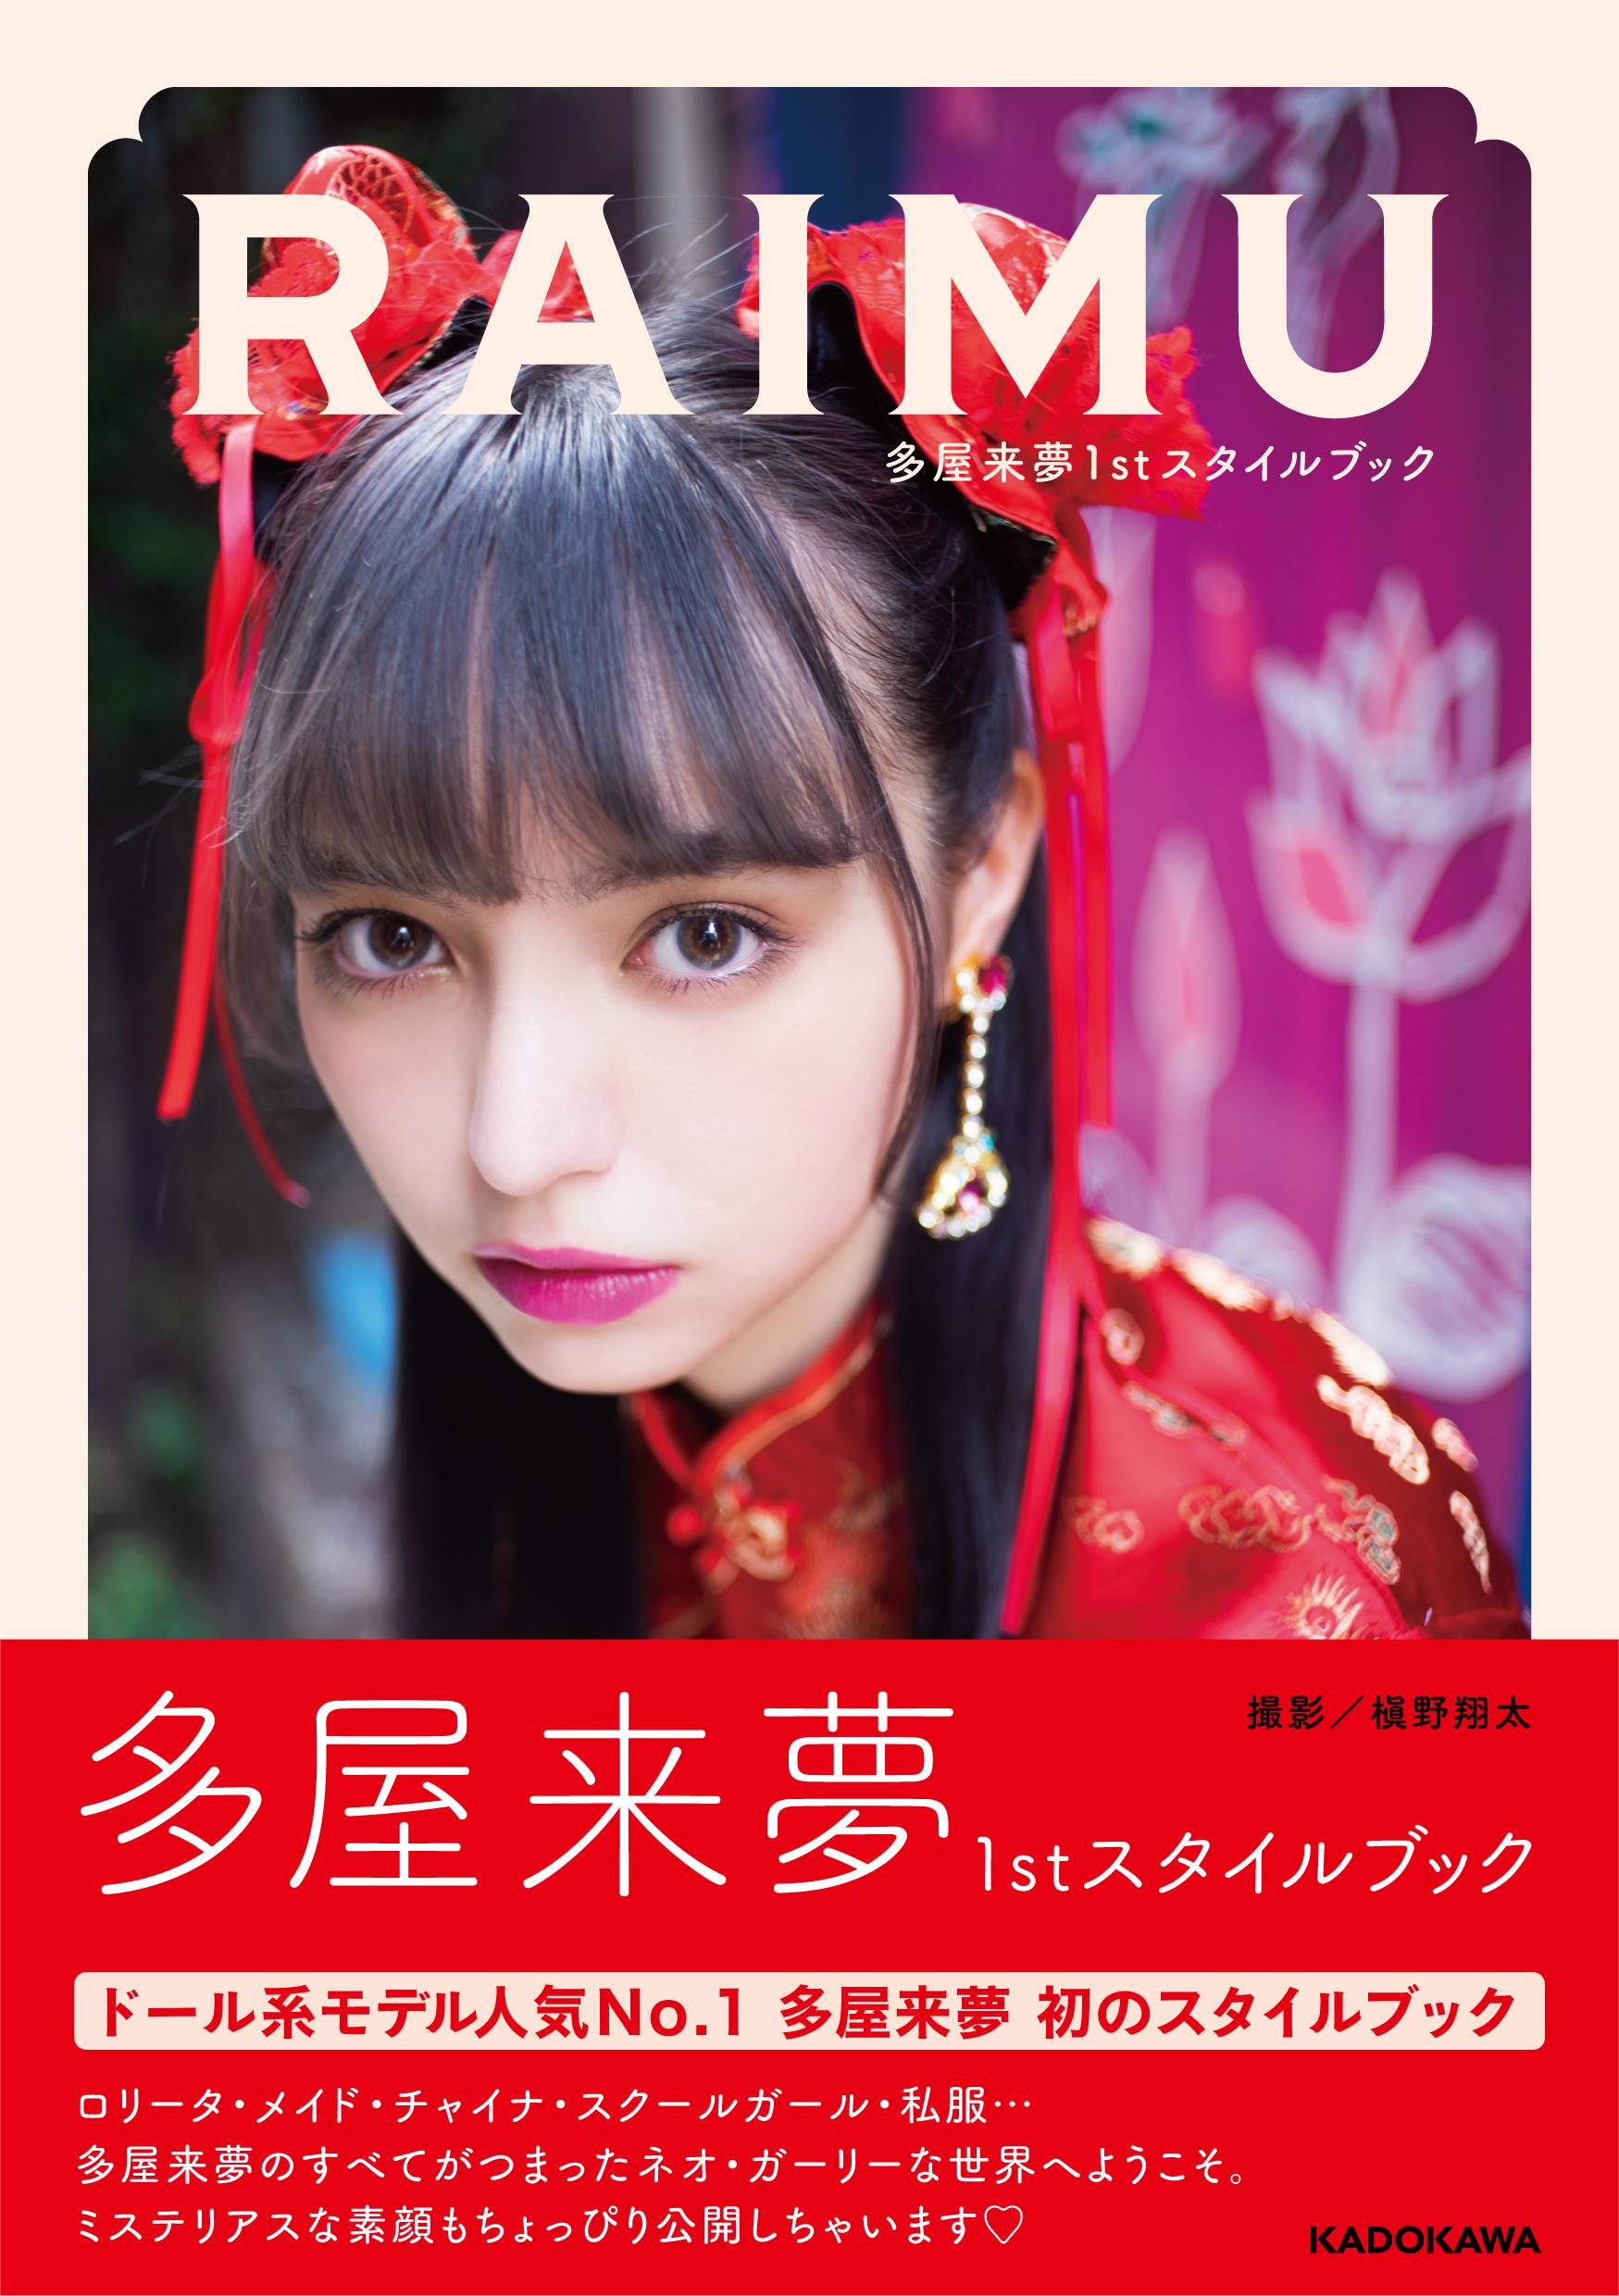 (C)KADOKAWA (C)TAYA RAIMU (C)NICHT